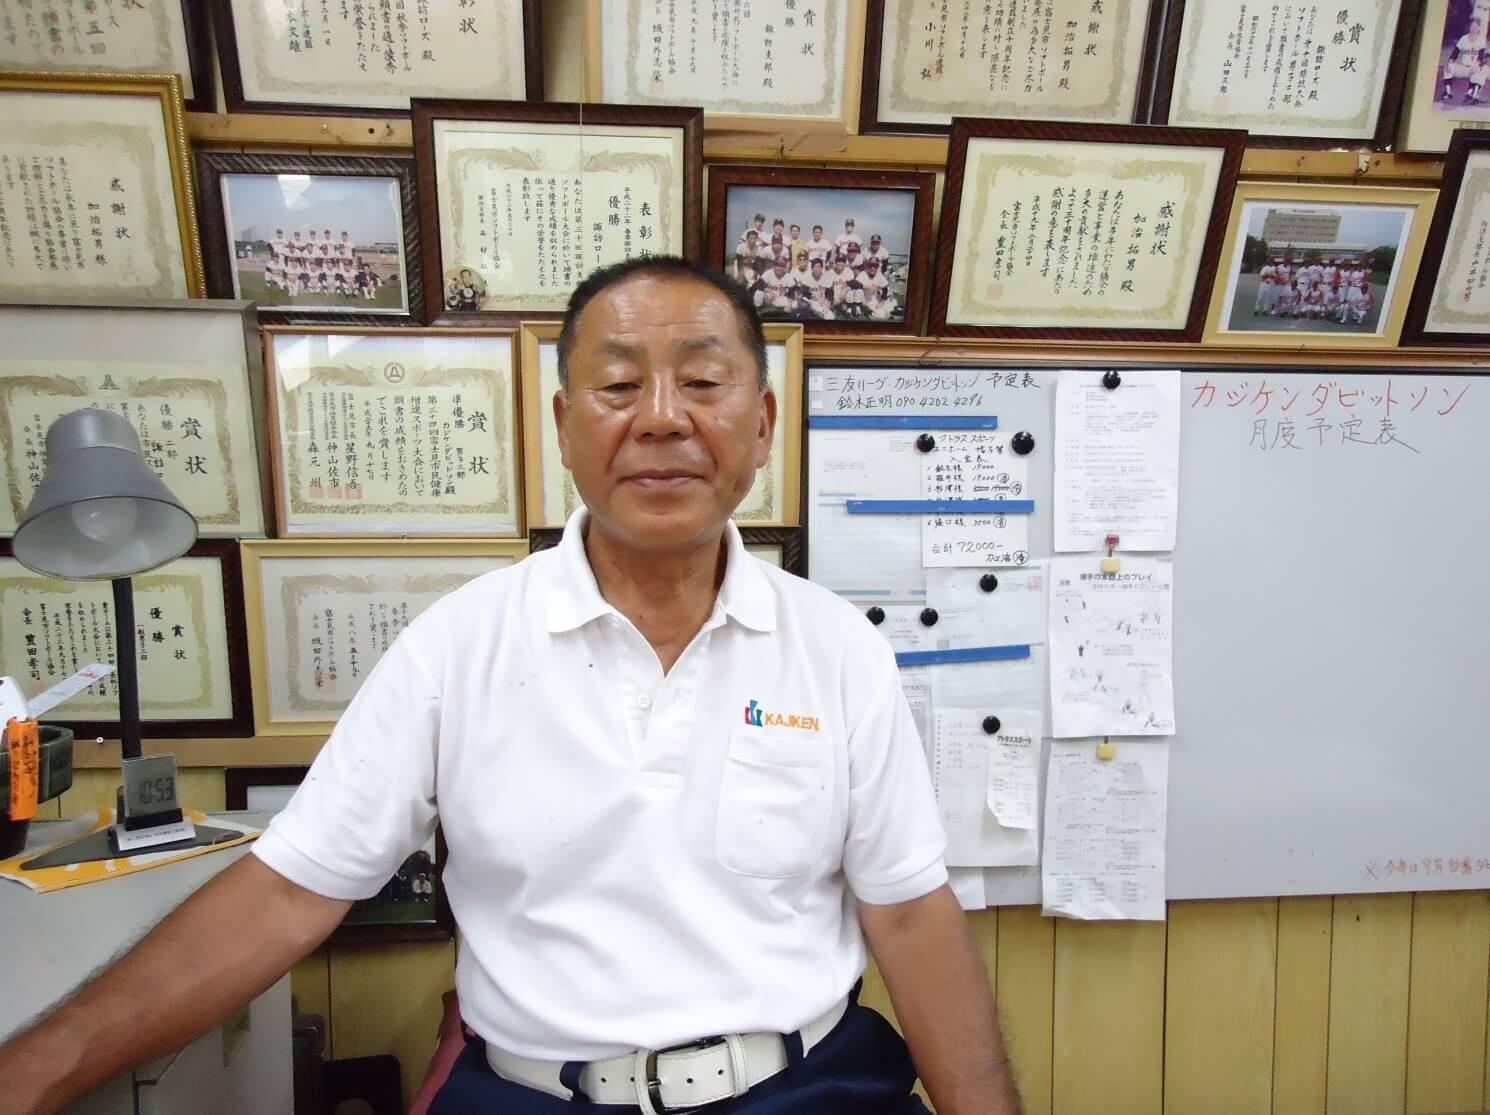 解体業者インタビュー 埼玉県富士見市 加治建設工業株式会社様